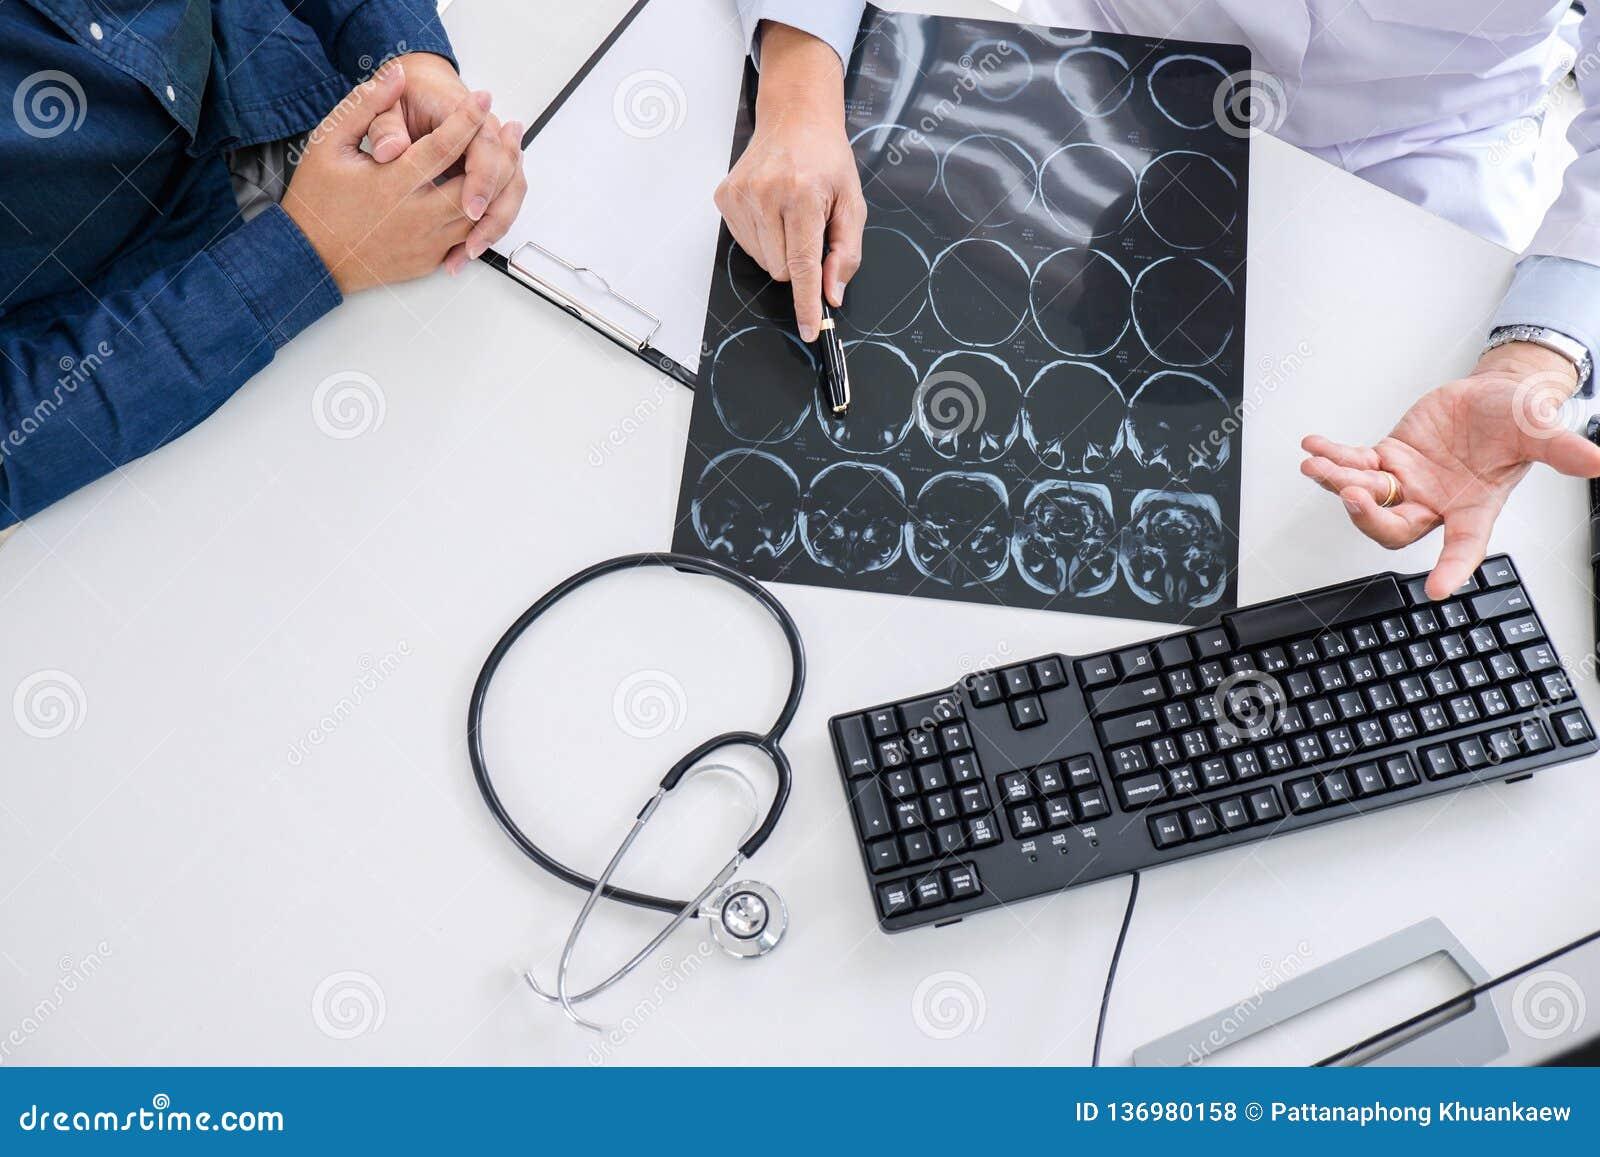 Ο γιατρός καθηγητή συστήνει την έκθεση μια μέθοδος με την υπομονετική θεραπεία, τα αποτελέσματα εξετάζουν επάνω μια των ακτίνων X